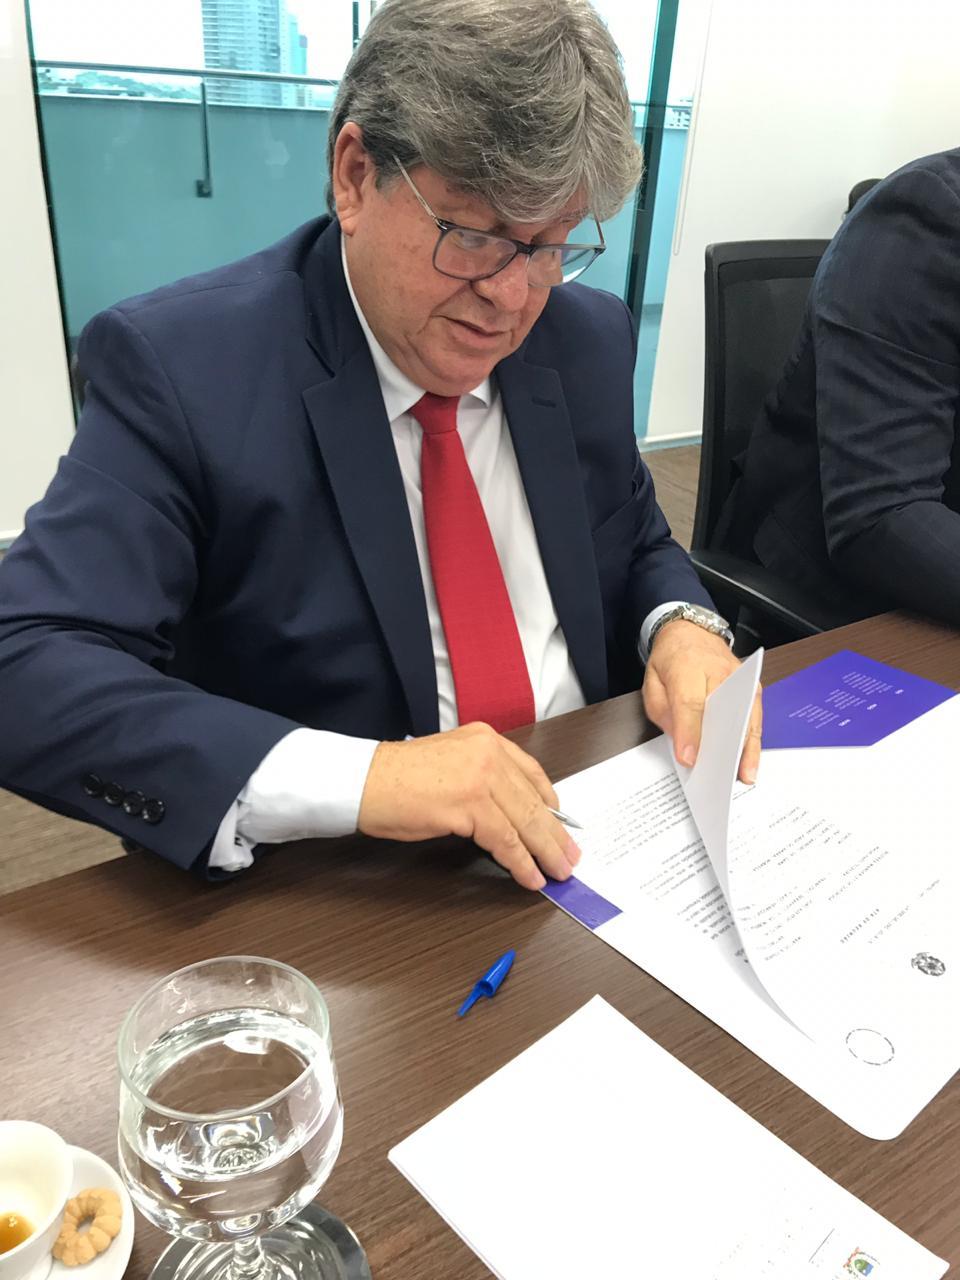 joao azevedo tac - João Azevêdo assina TAC para regulamentar seleção e contratação de Organizações Sociais